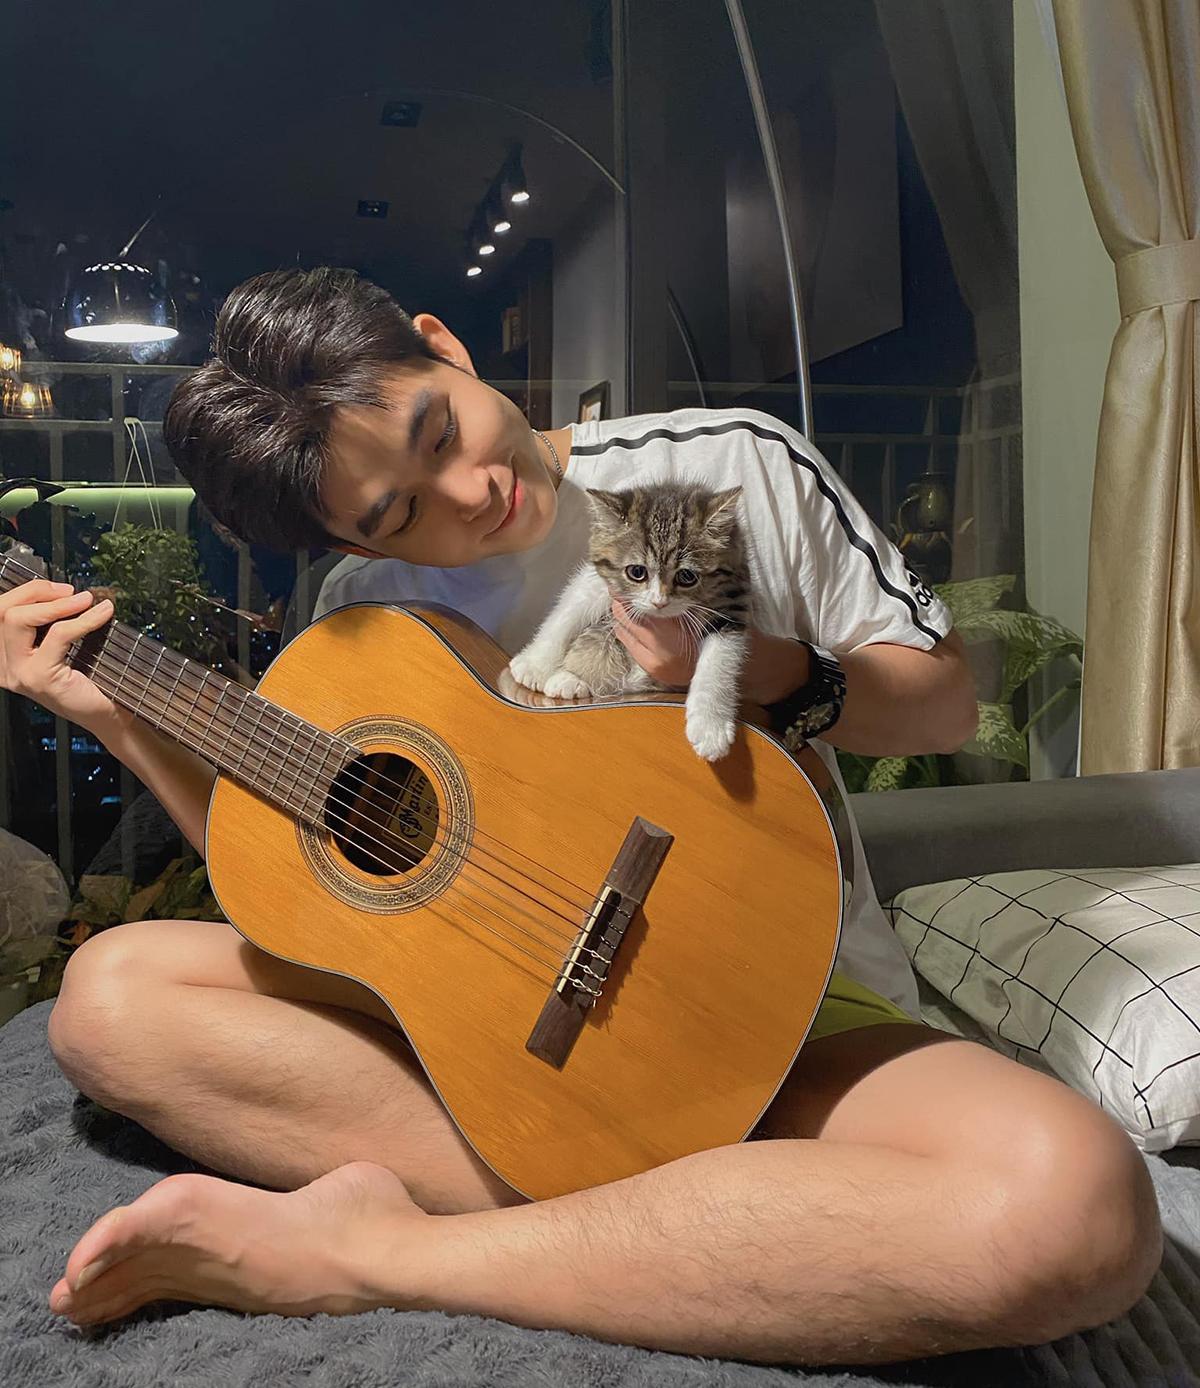 Jun Phạm tâm sự cuộc sống của anh không thể thiếu âm nhạc và những bé mèo cưng.